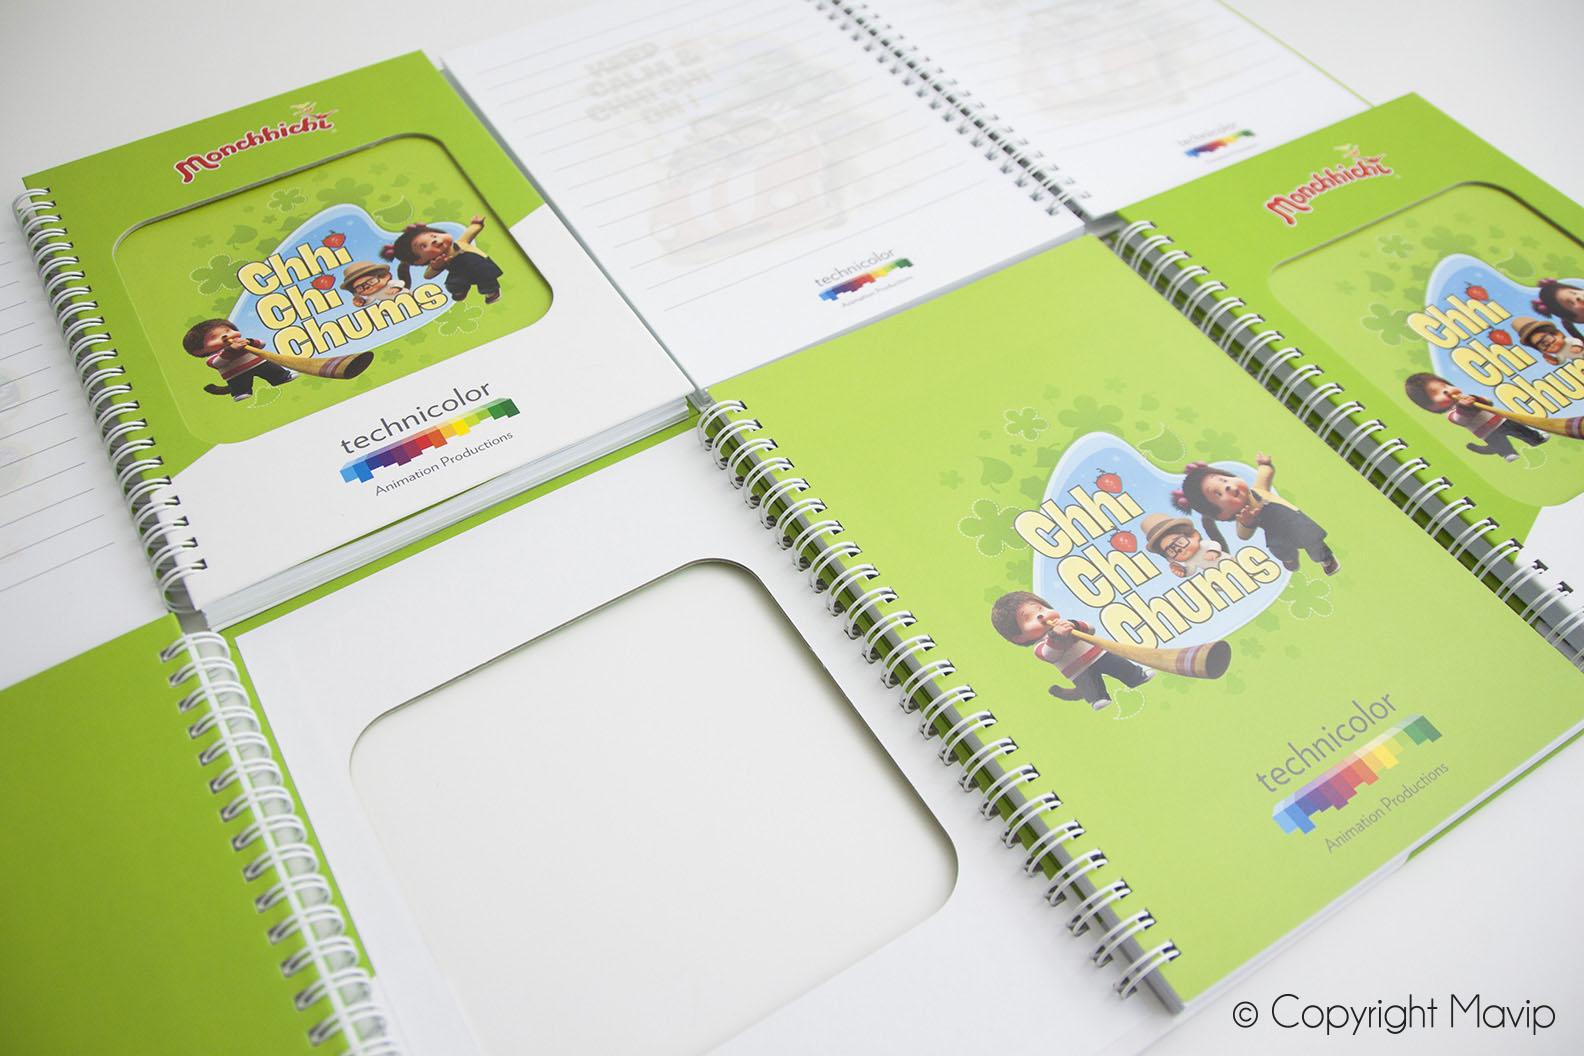 Carnets personnalisables avec découpe dans la couverture et logo en full impression réalisés pour Technicolor par Mavip